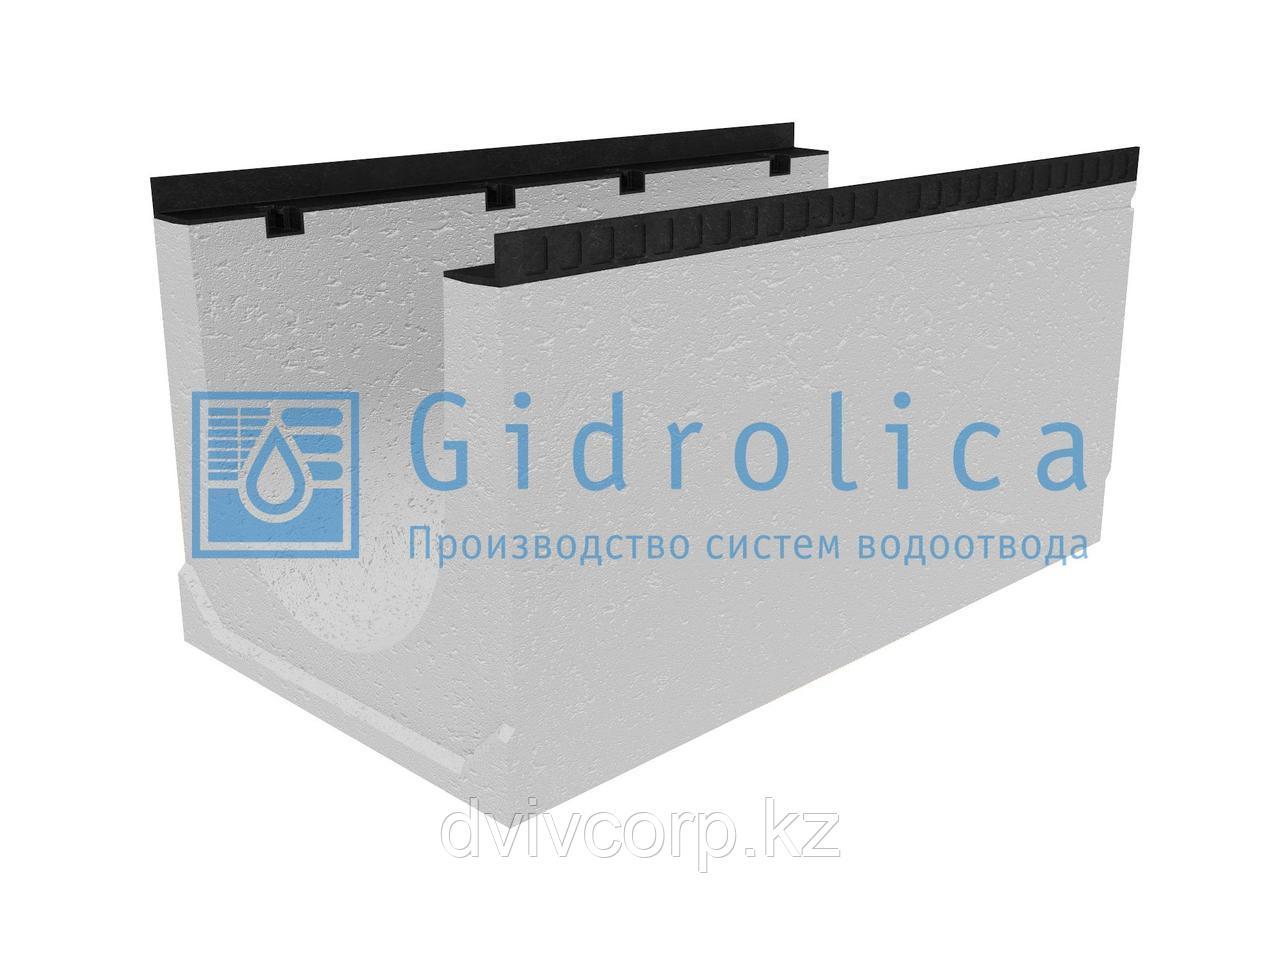 Лоток водоотводный бетонный коробчатый (СО-400мм), с уклоном 0,5%  КUу 100.54(40).52(44) - BGМ, № 14